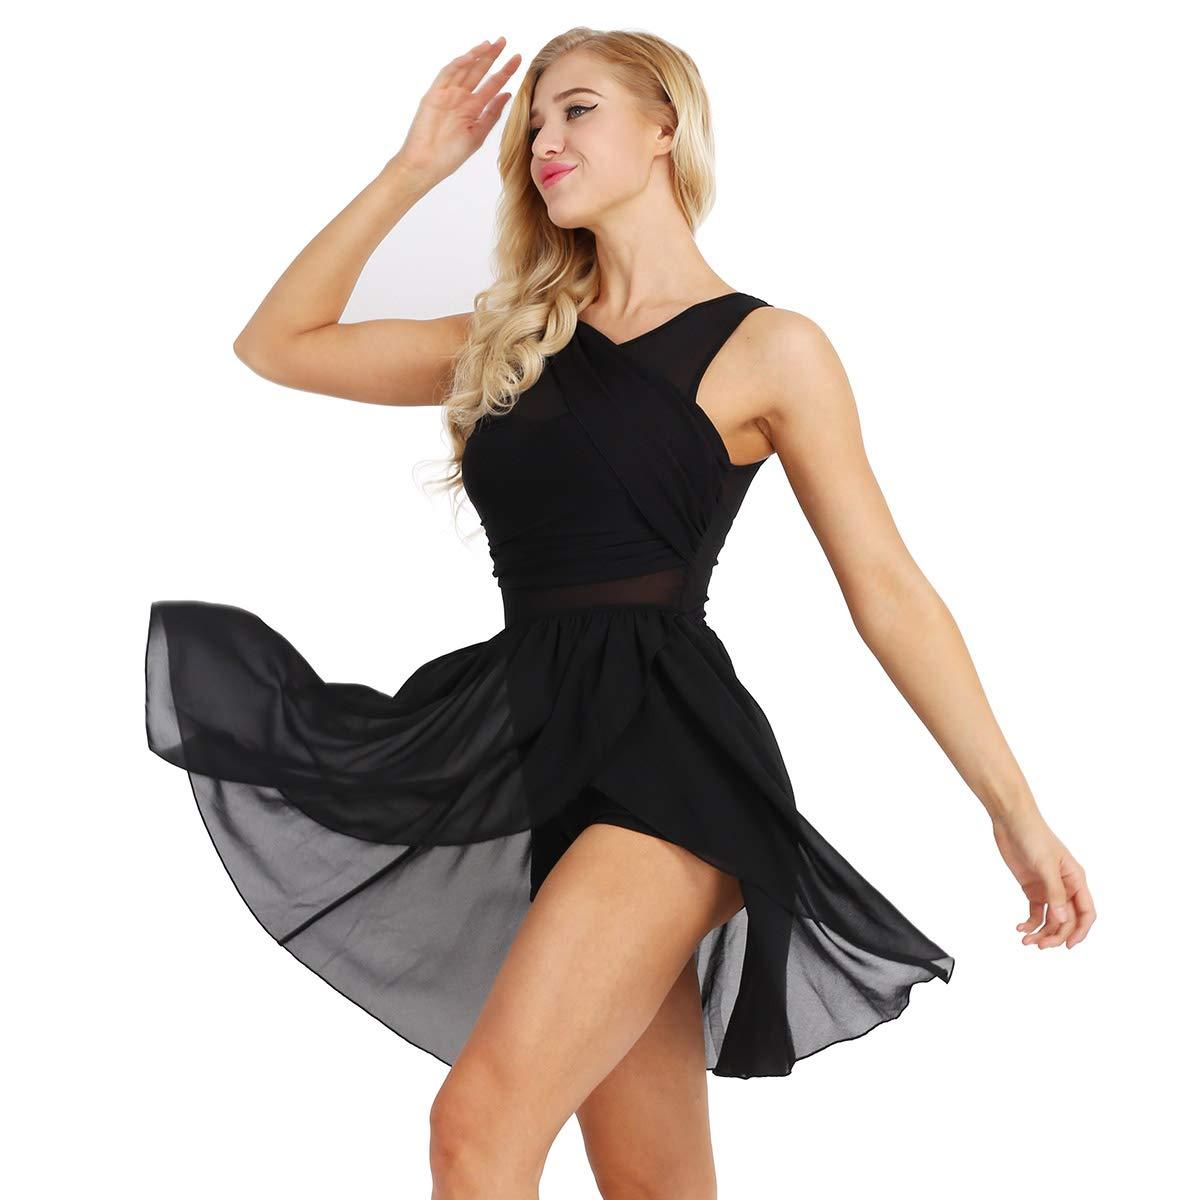 TiaoBug Femme Robe de Danse Classique Justaucorps de Danse Ballet Gymnastique Asym/étrique Robe Soir/ée Tutu Robe Latine Cancan Mousseline Robe sans Manche Bodysuit XS-XL